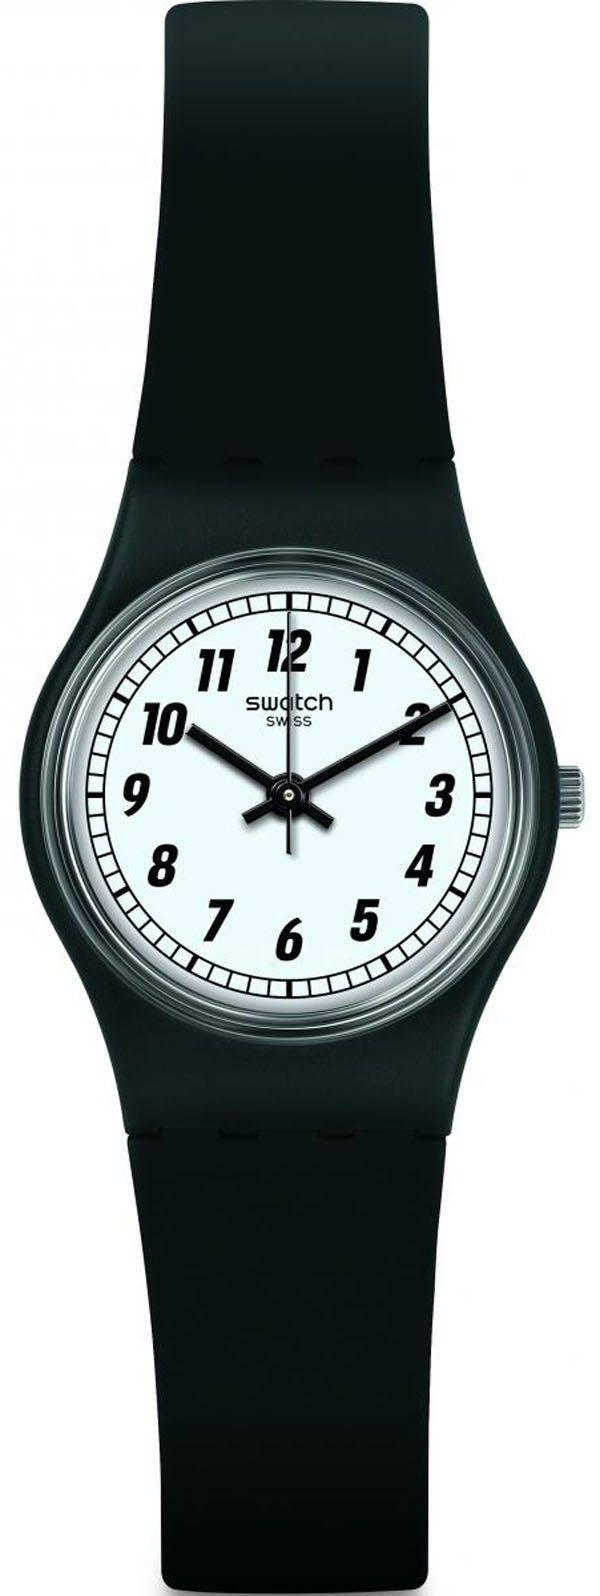 Swatch Originals quelque chose noir montre Quartz analogique LB184 féminin